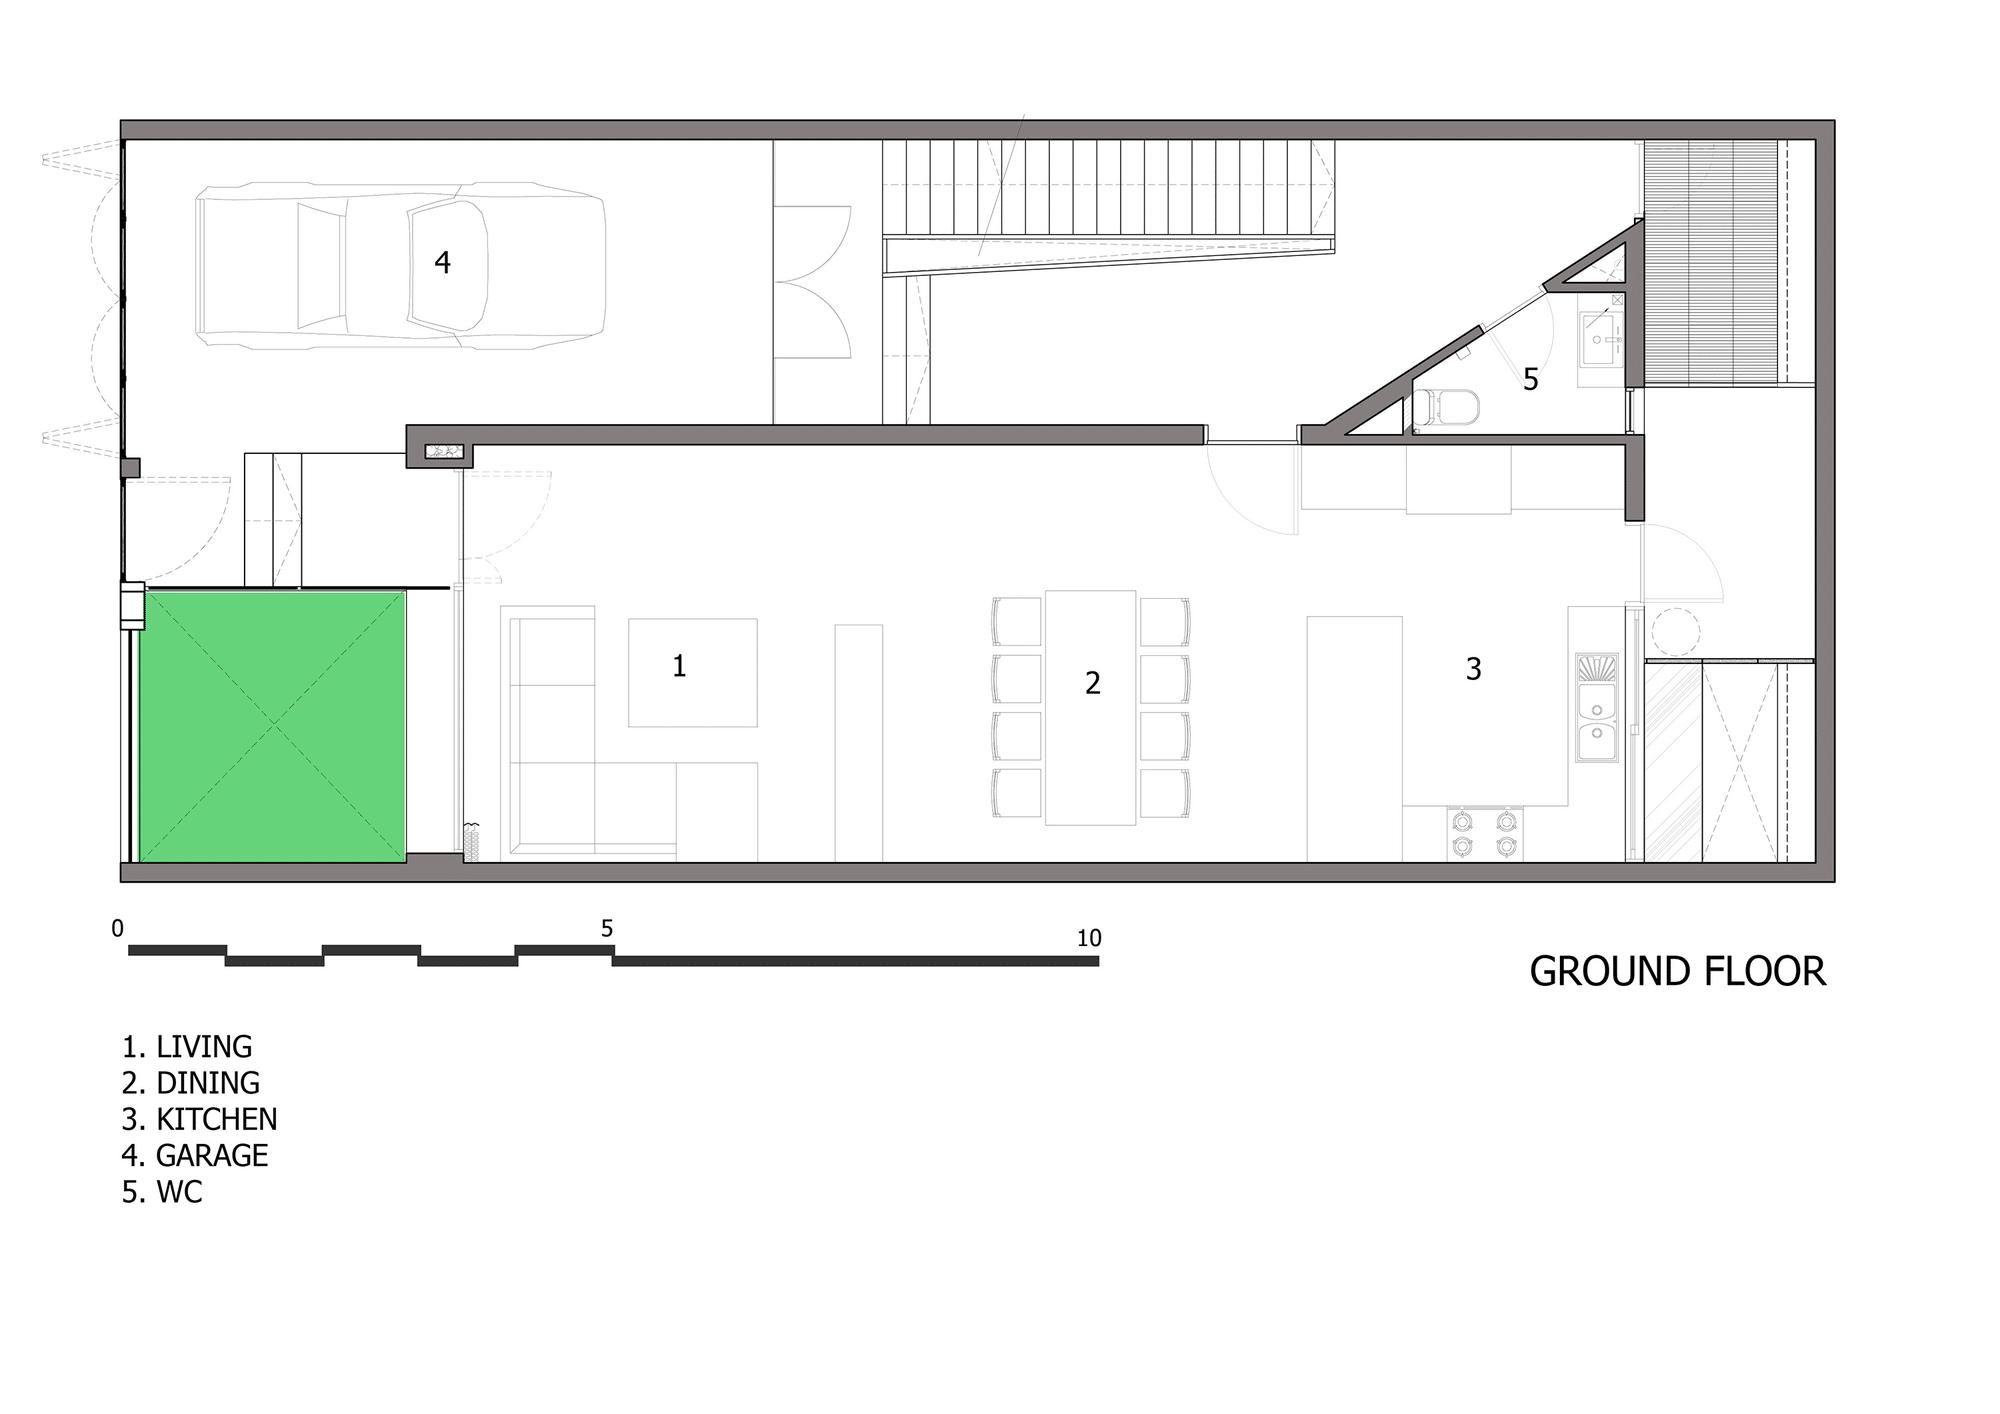 Dise o de casa moderna de tres pisos planos y fachada - Planos casas modernas 1 piso ...